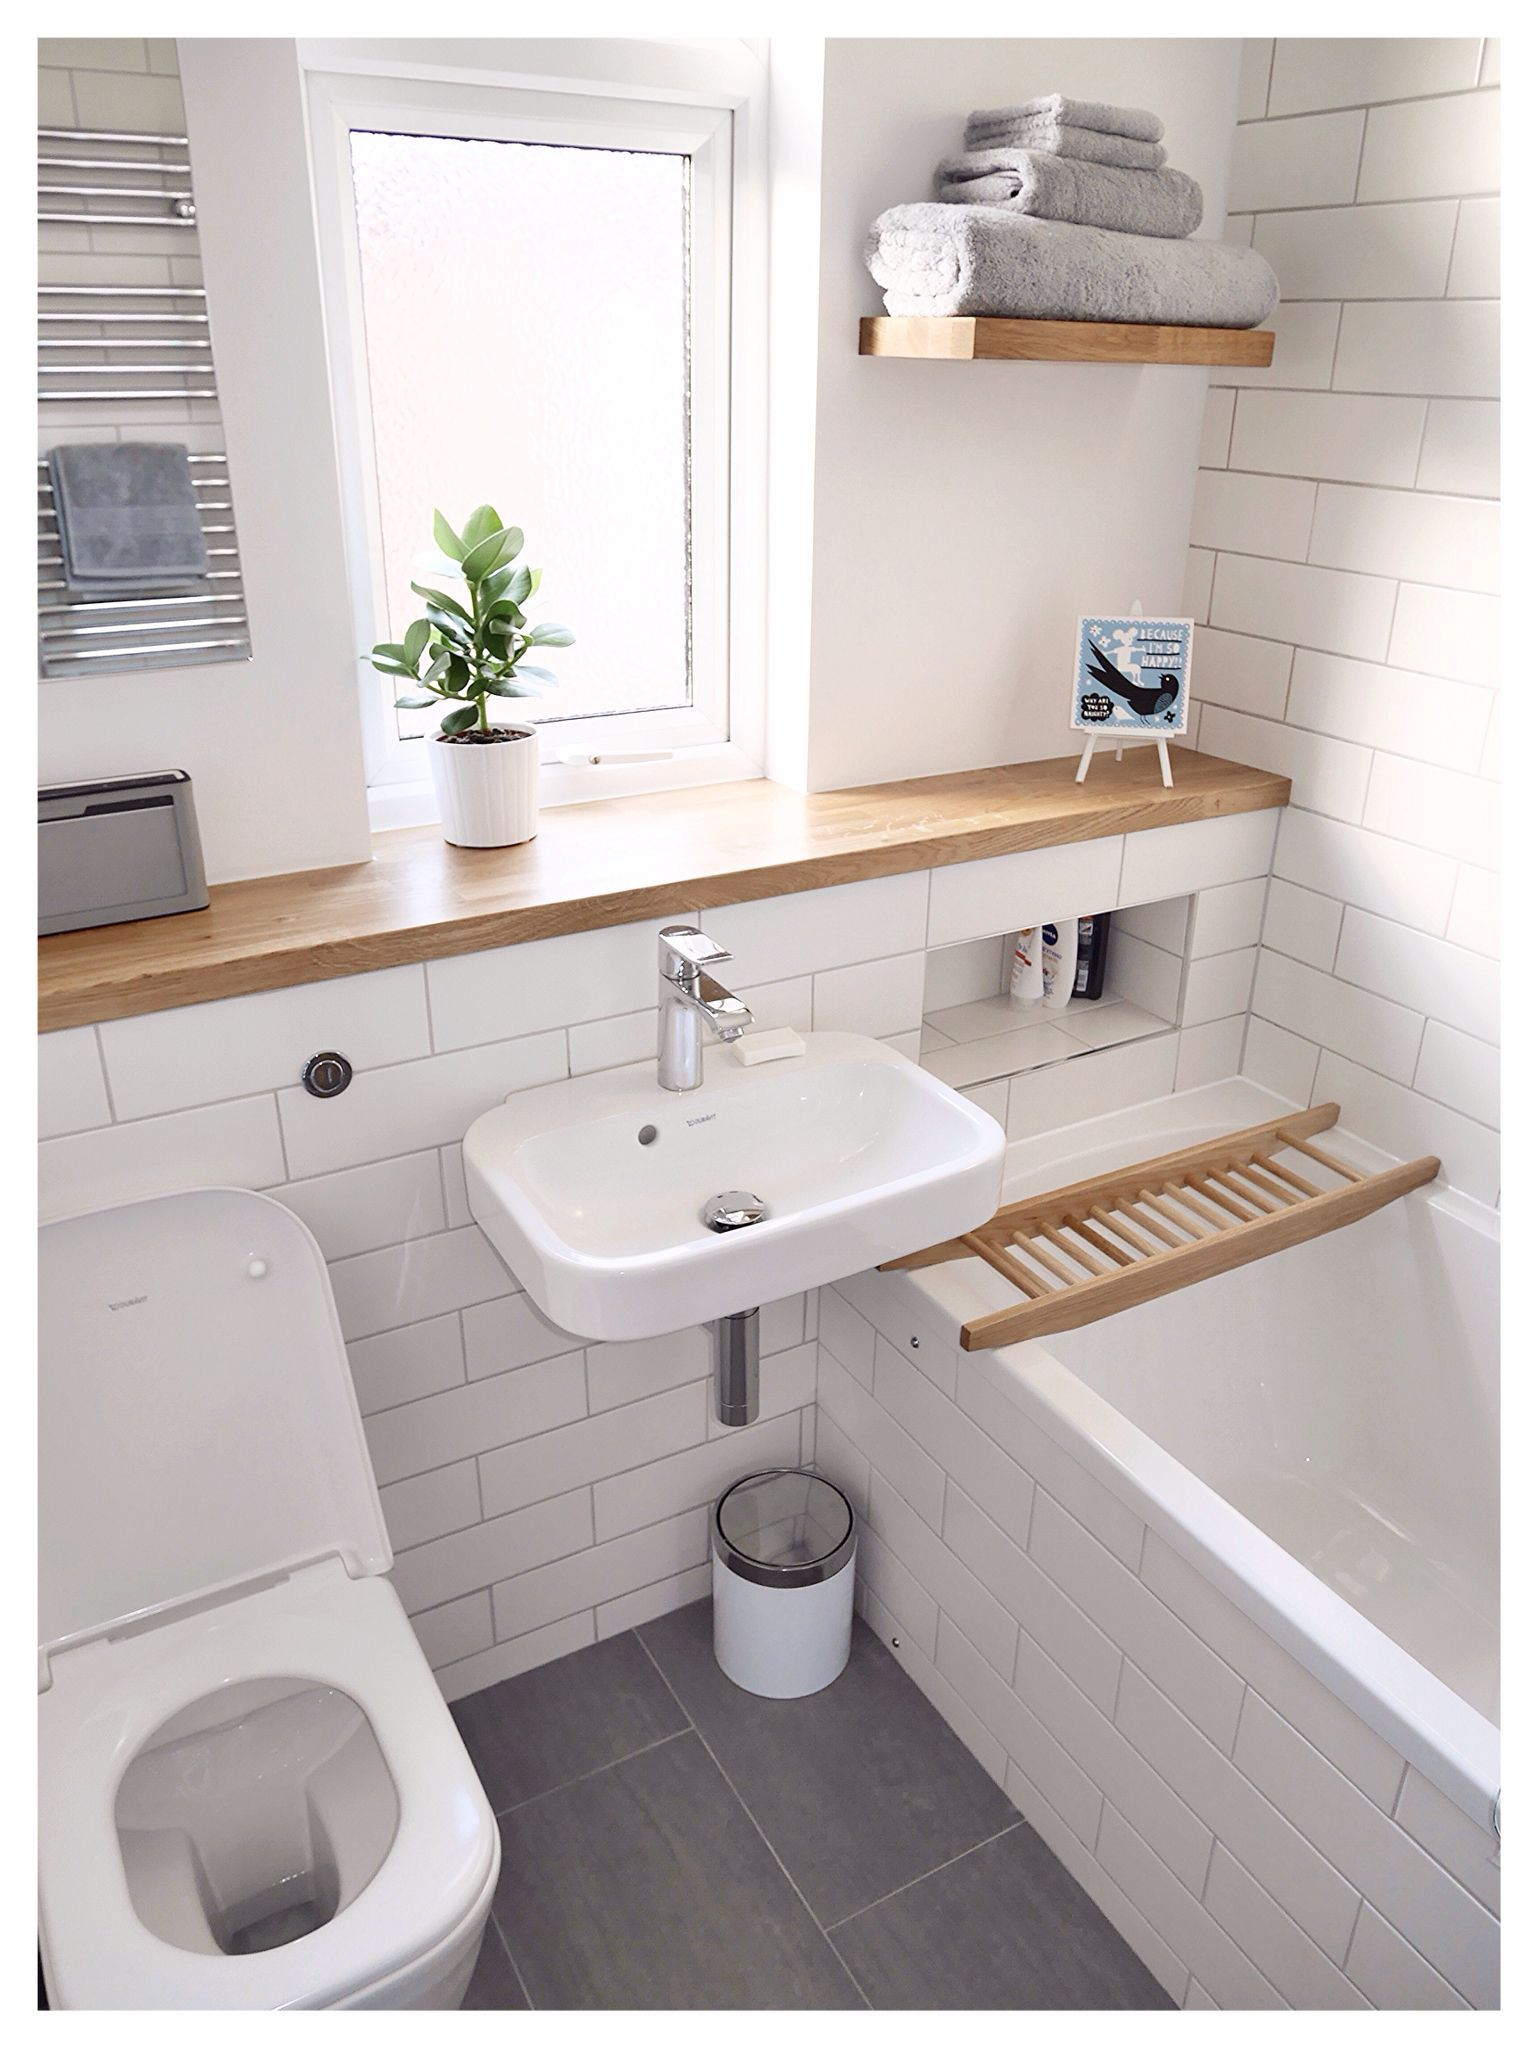 Badezimmer Fenster Ideen Kleine Bader Badezimmer Ohne Fenster Badezimmer Design Kleine Badezimmer Design